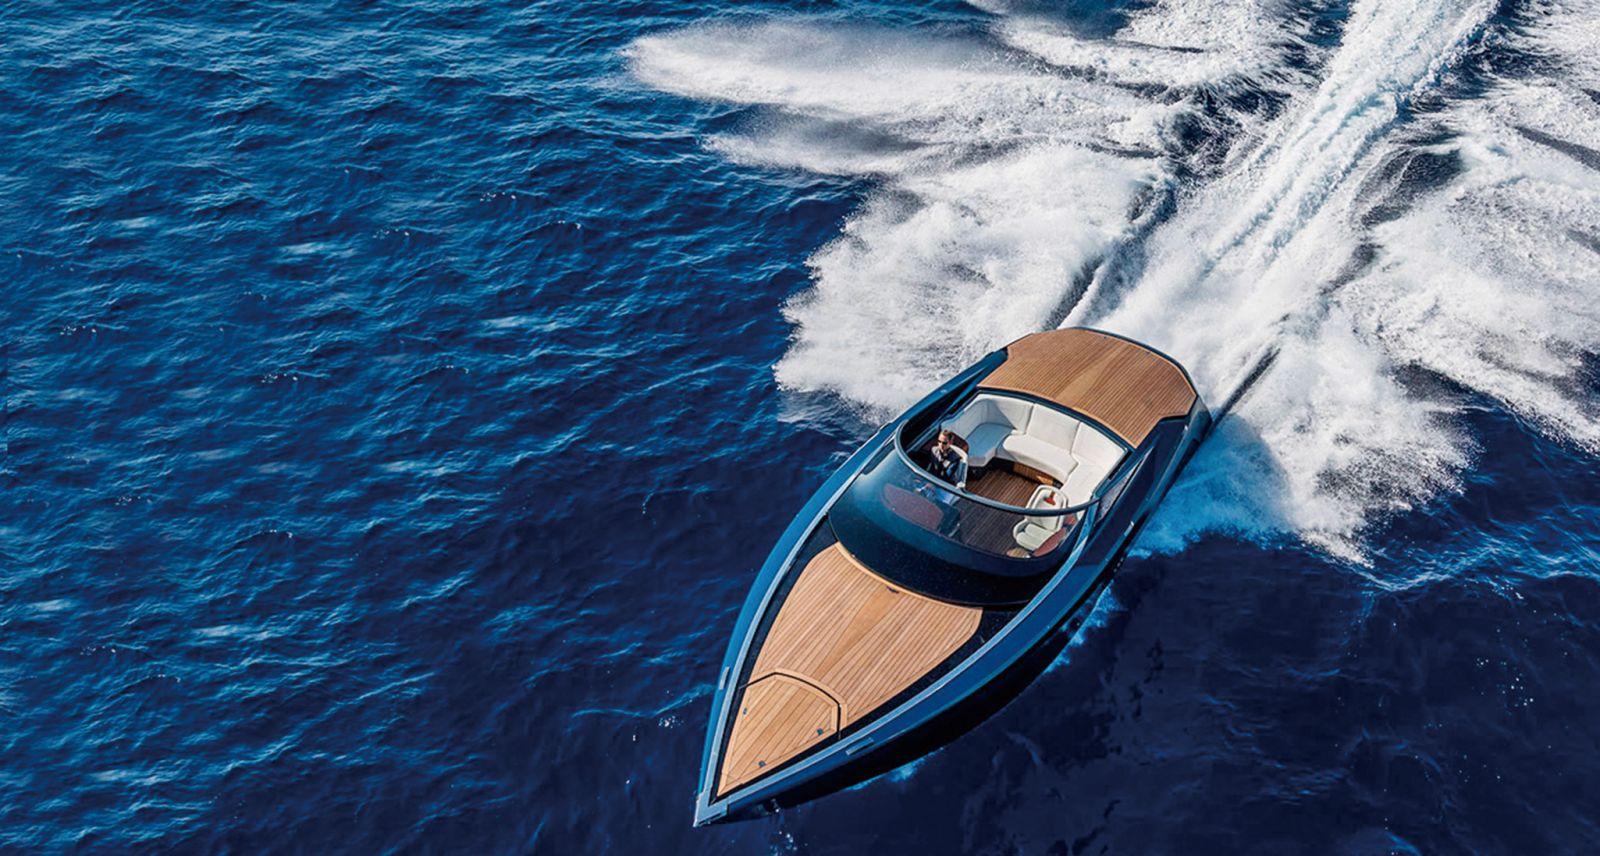 黔土豪1,700萬買賽艇